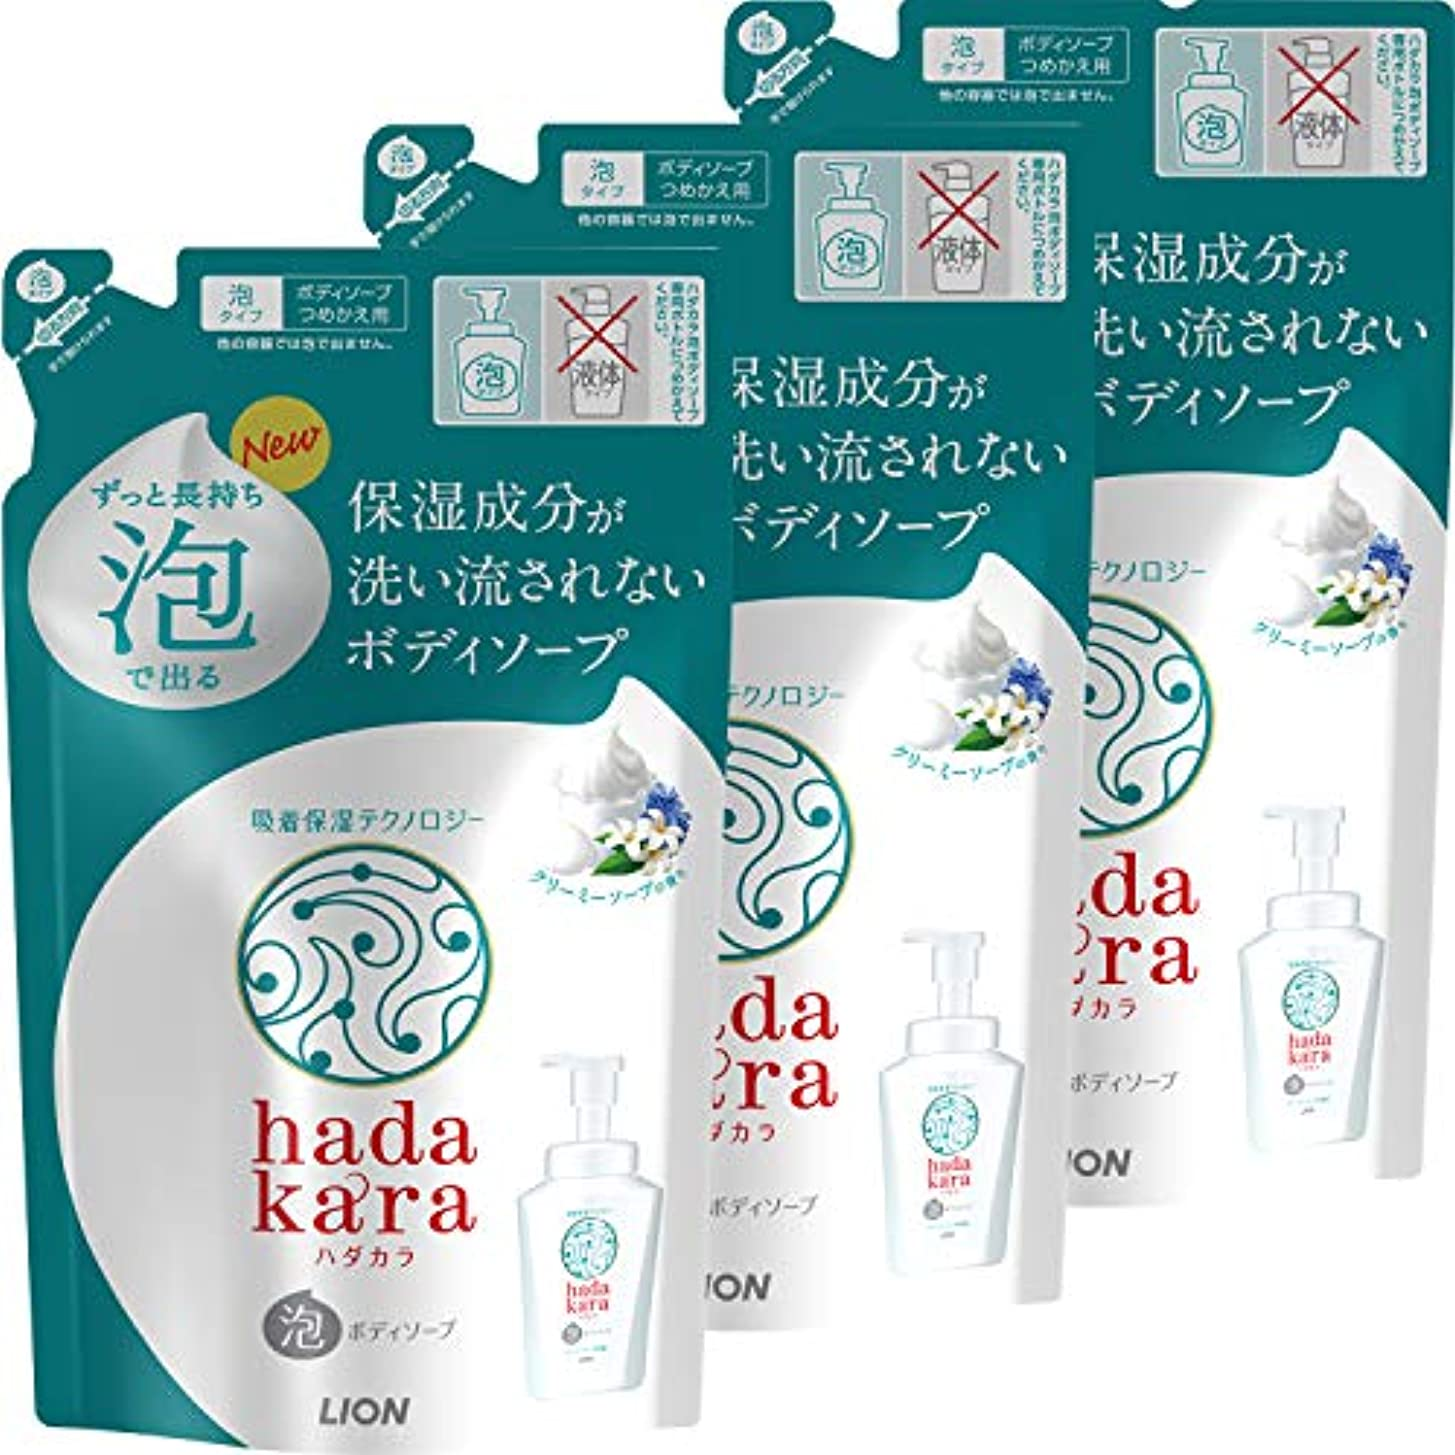 ワットトロリーバスクモhadakara(ハダカラ) ボディソープ 泡タイプ クリーミーソープの香り 詰替440ml×3個